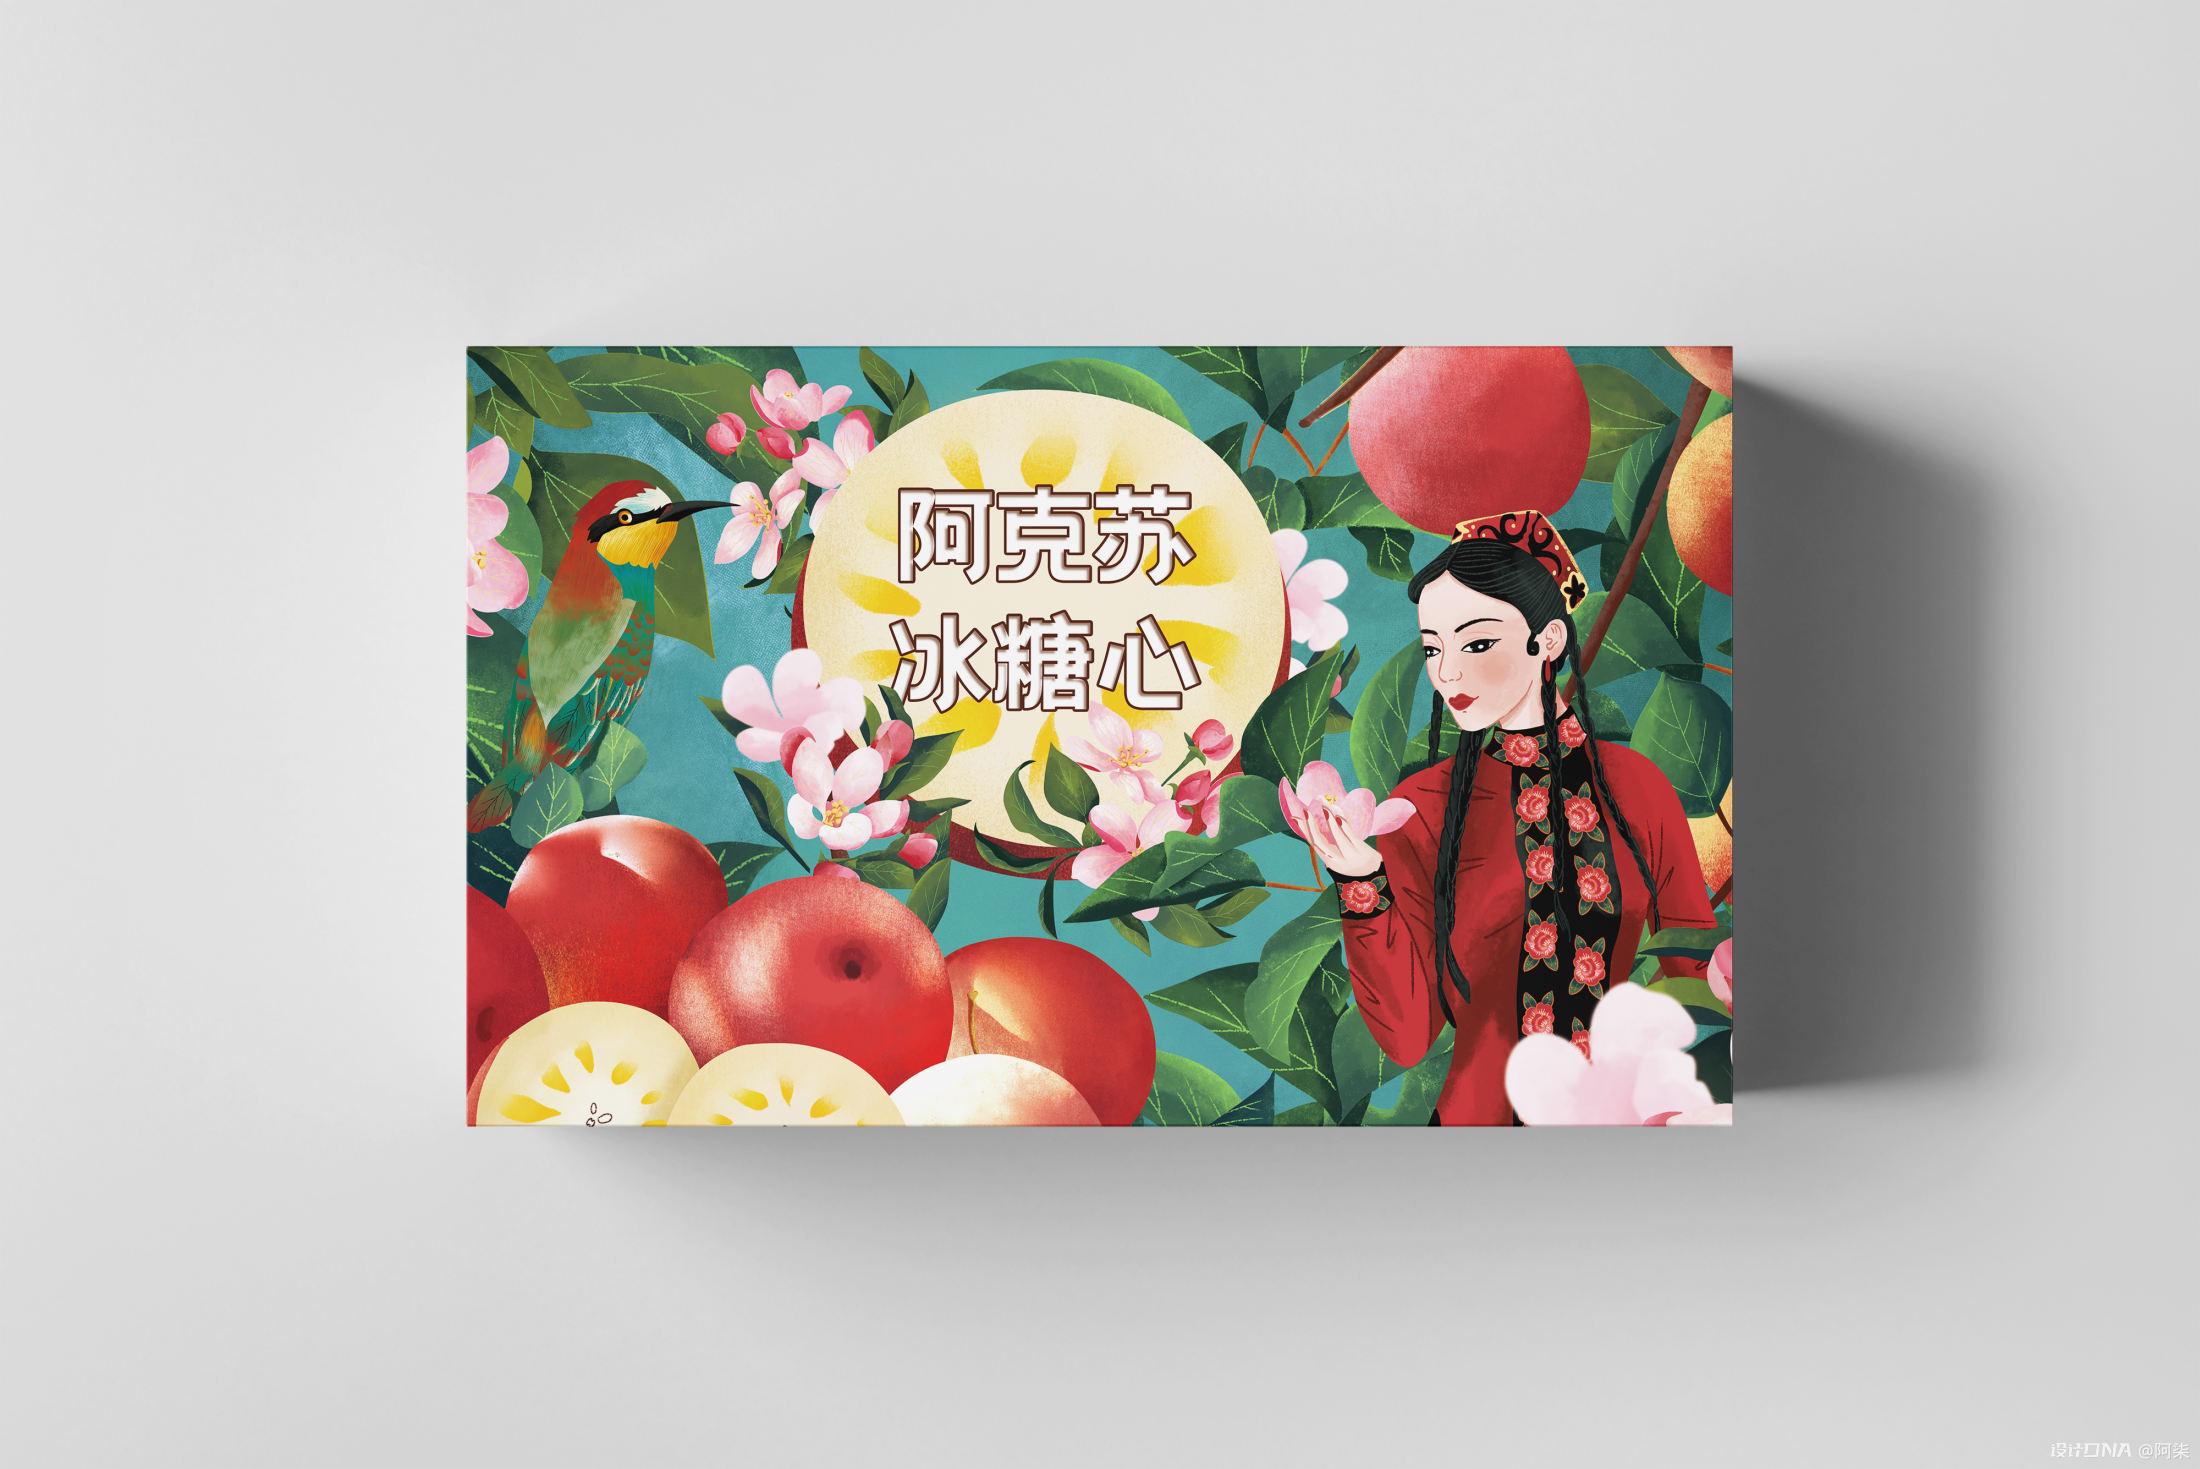 阿克苏冰糖心包装插画 图1